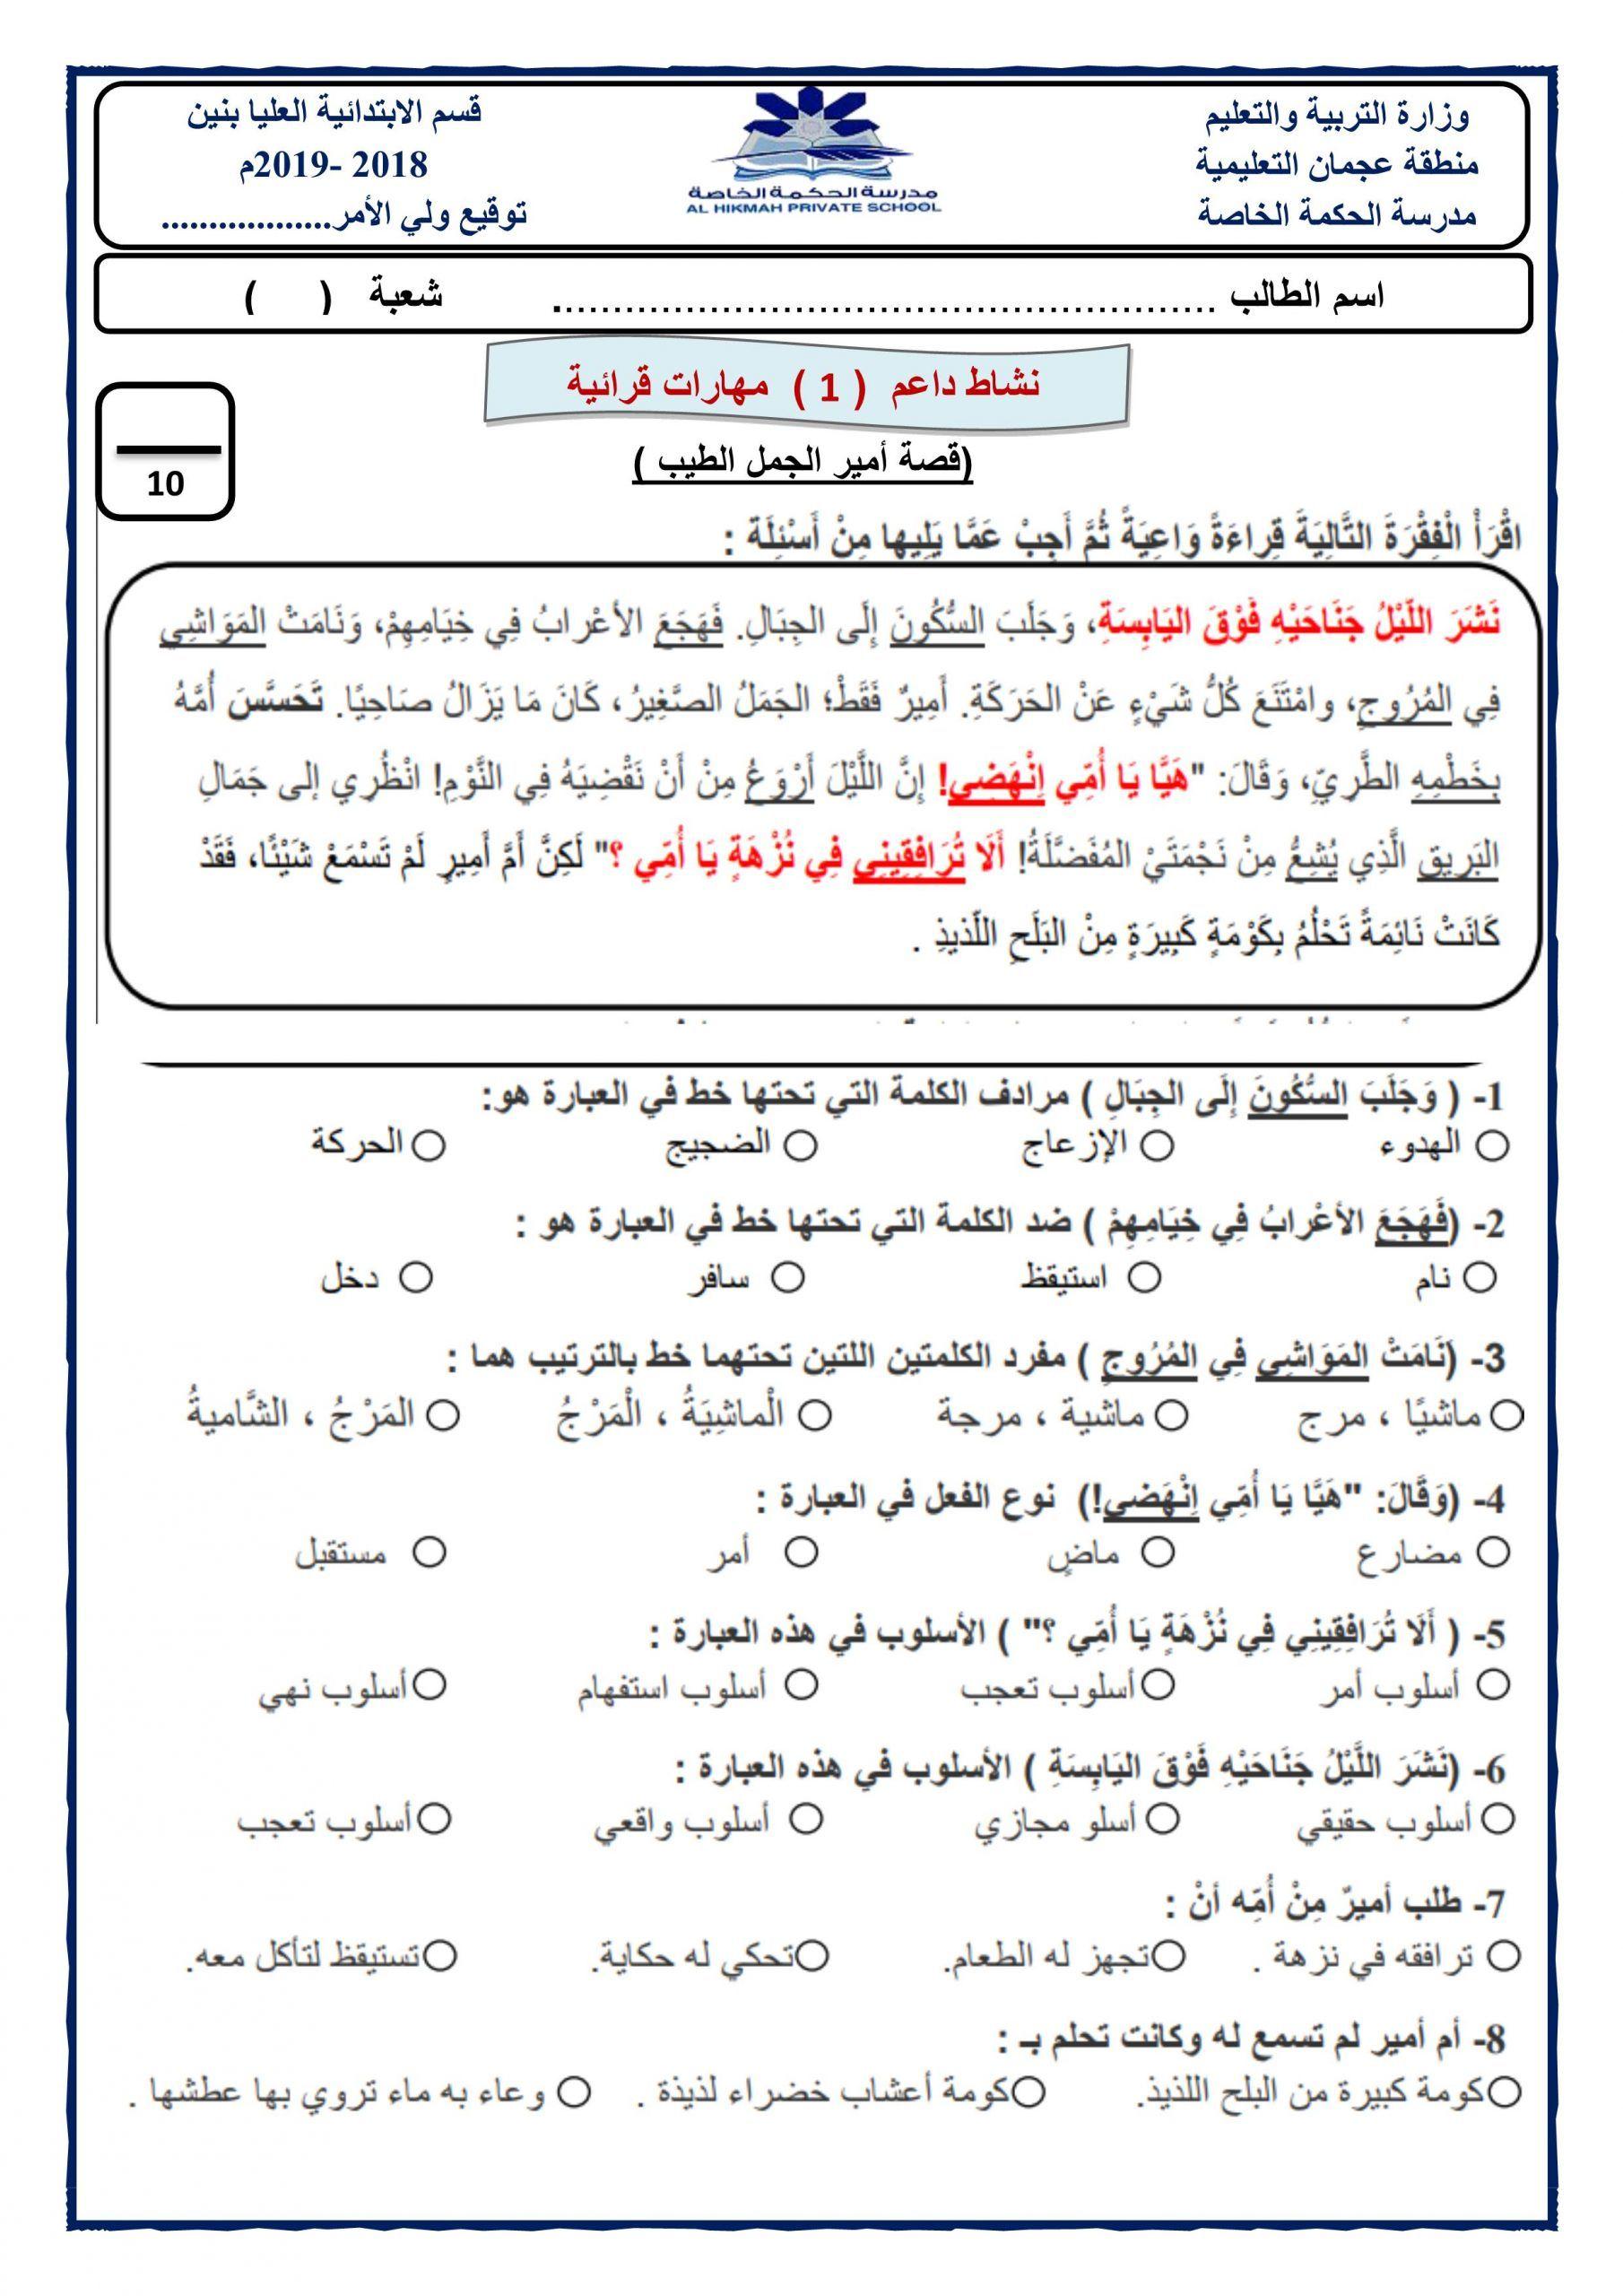 اوراق عمل تدريبات امير الجمل الطيب للصف الرابع مادة اللغة العربية Bullet Journal